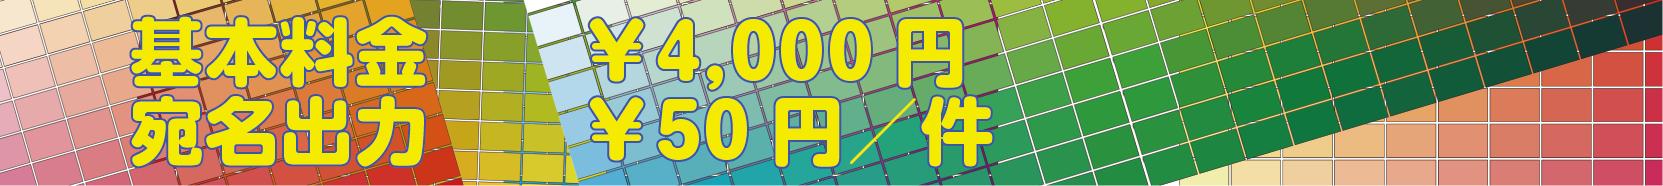 基本料金(データ処理) 4,000円 宛名出力 50円/件